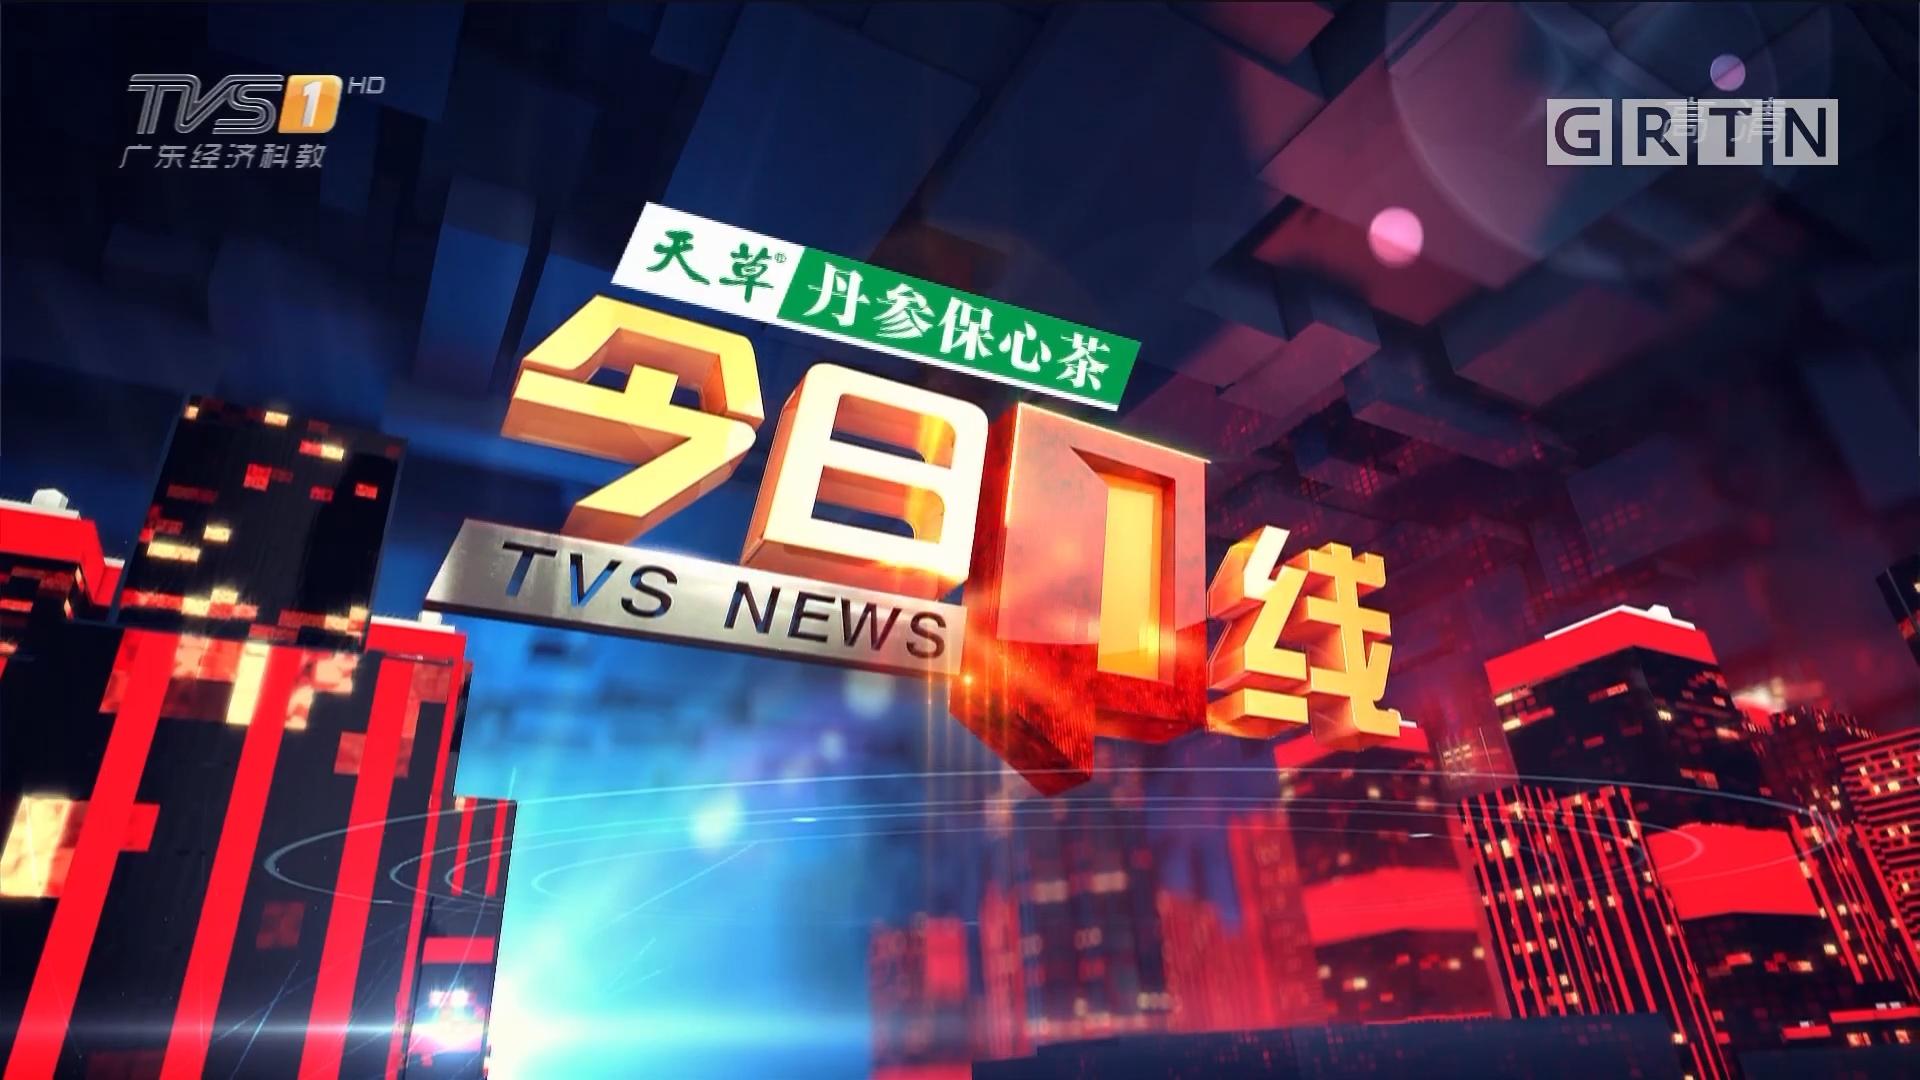 [HD][2017-07-21]今日一线:广州黄埔大道谭村段:天桥被撞断裂位移 肇事车被扣押